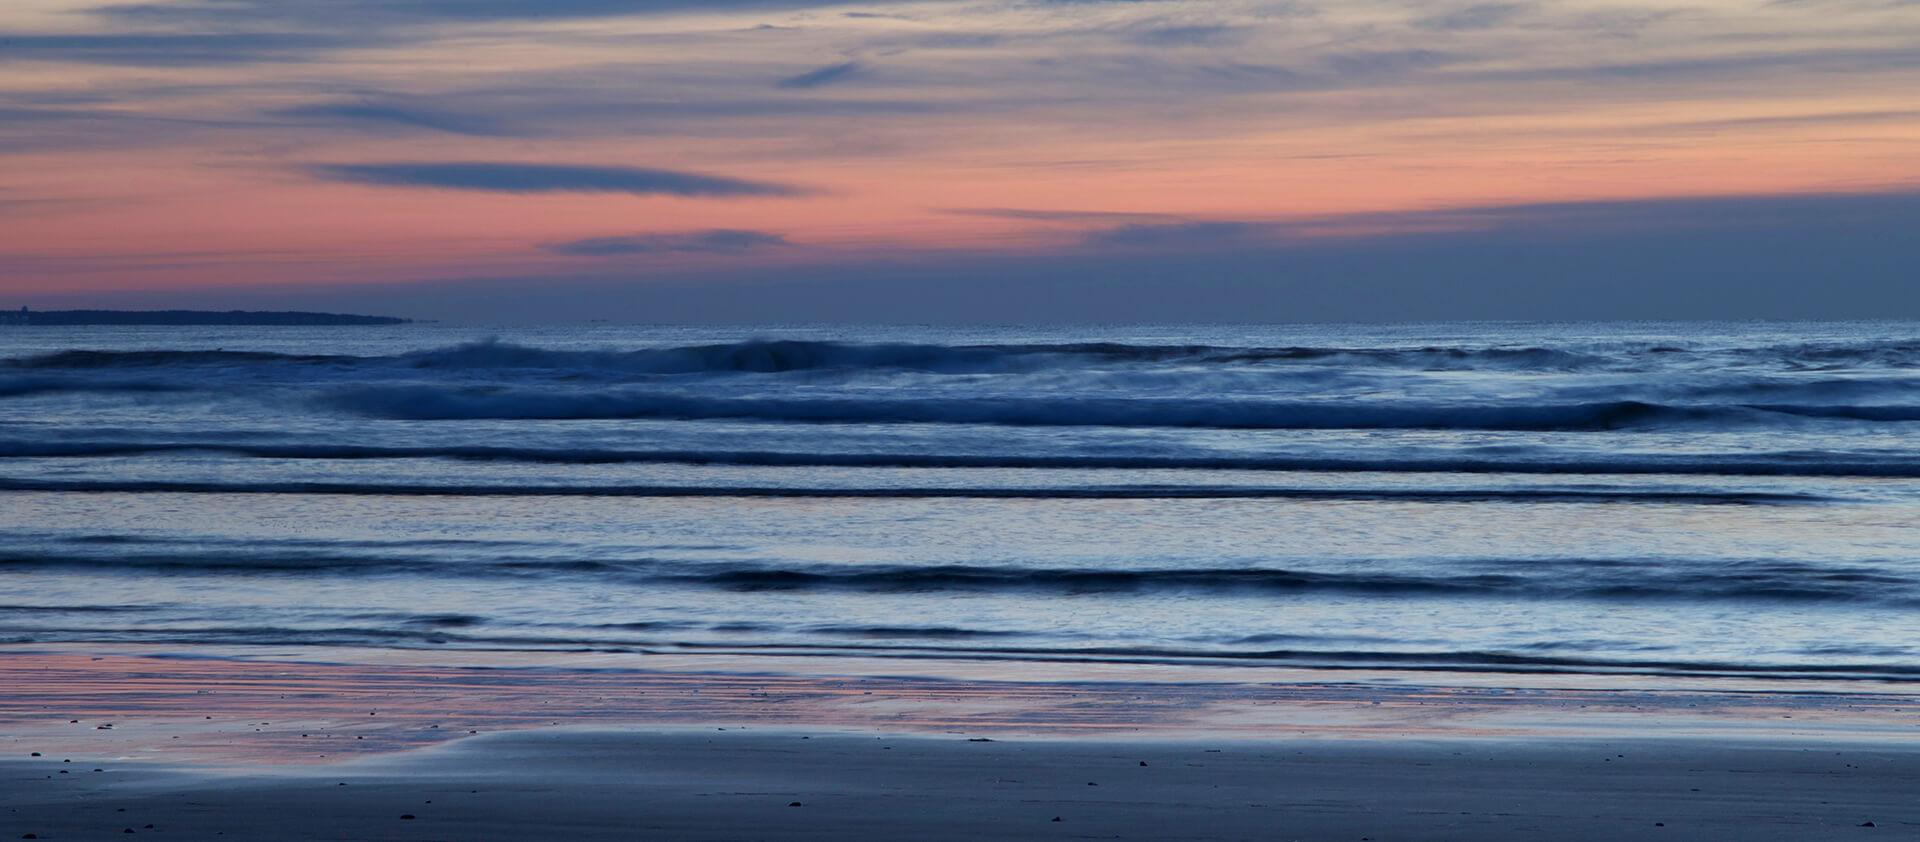 Plage au coucher de soleil avec vue sur l'horizon